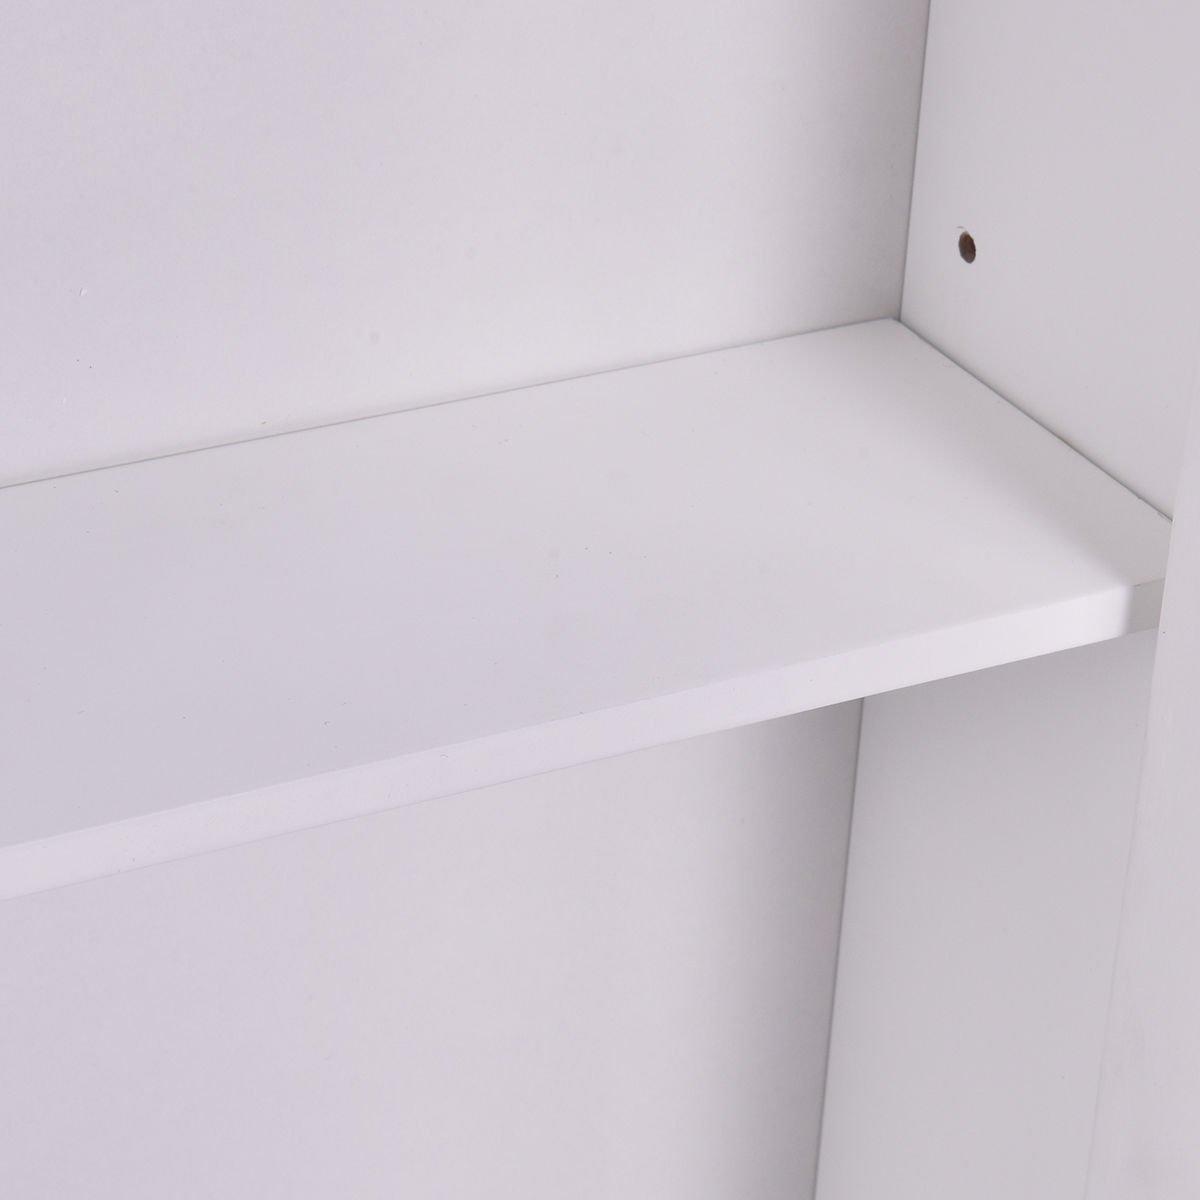 Tangkula Bathroom Cabinet Single Mirror Door Wall Mount Storage Wood Shelf